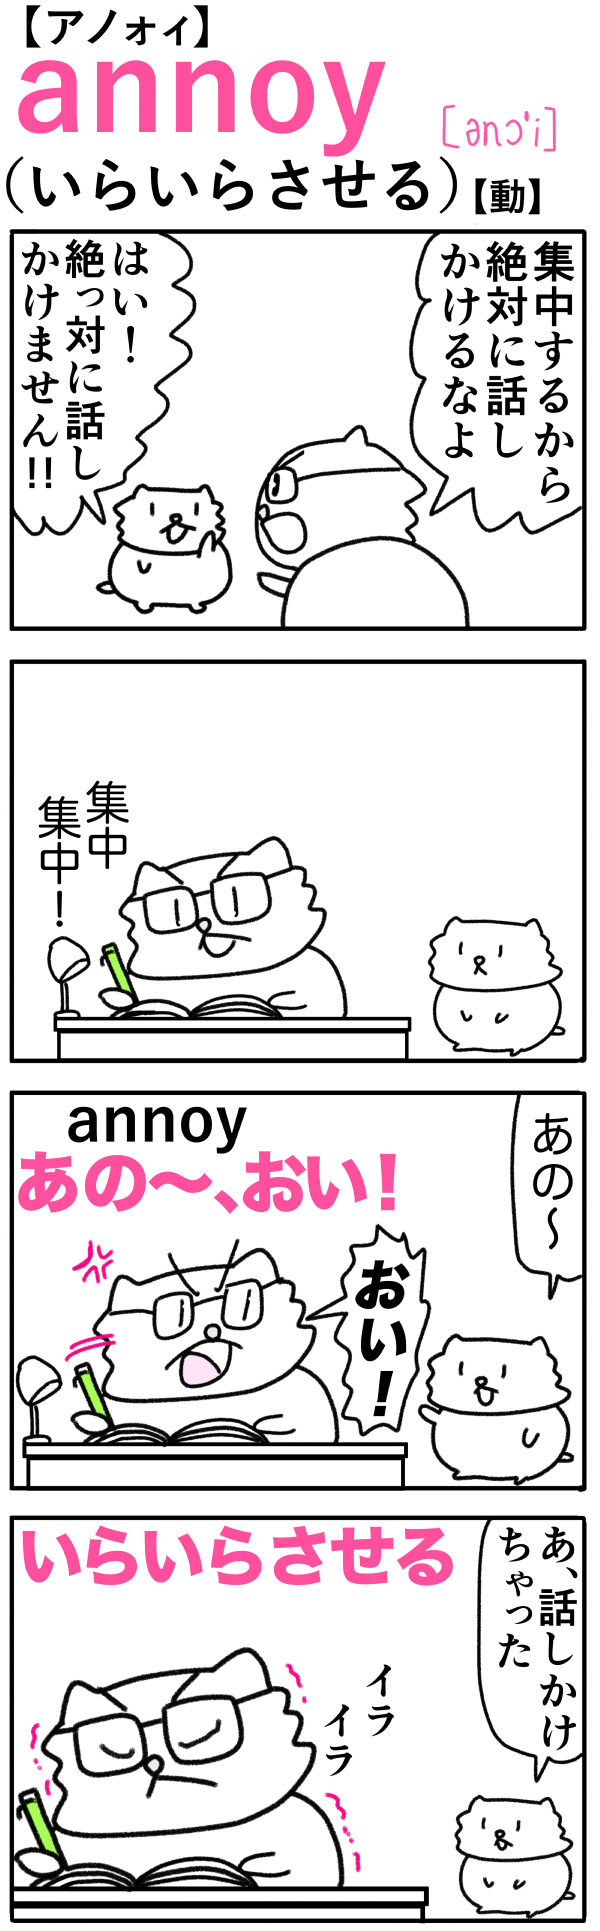 annoy(いらいらさせる)の語呂合わせ英単語